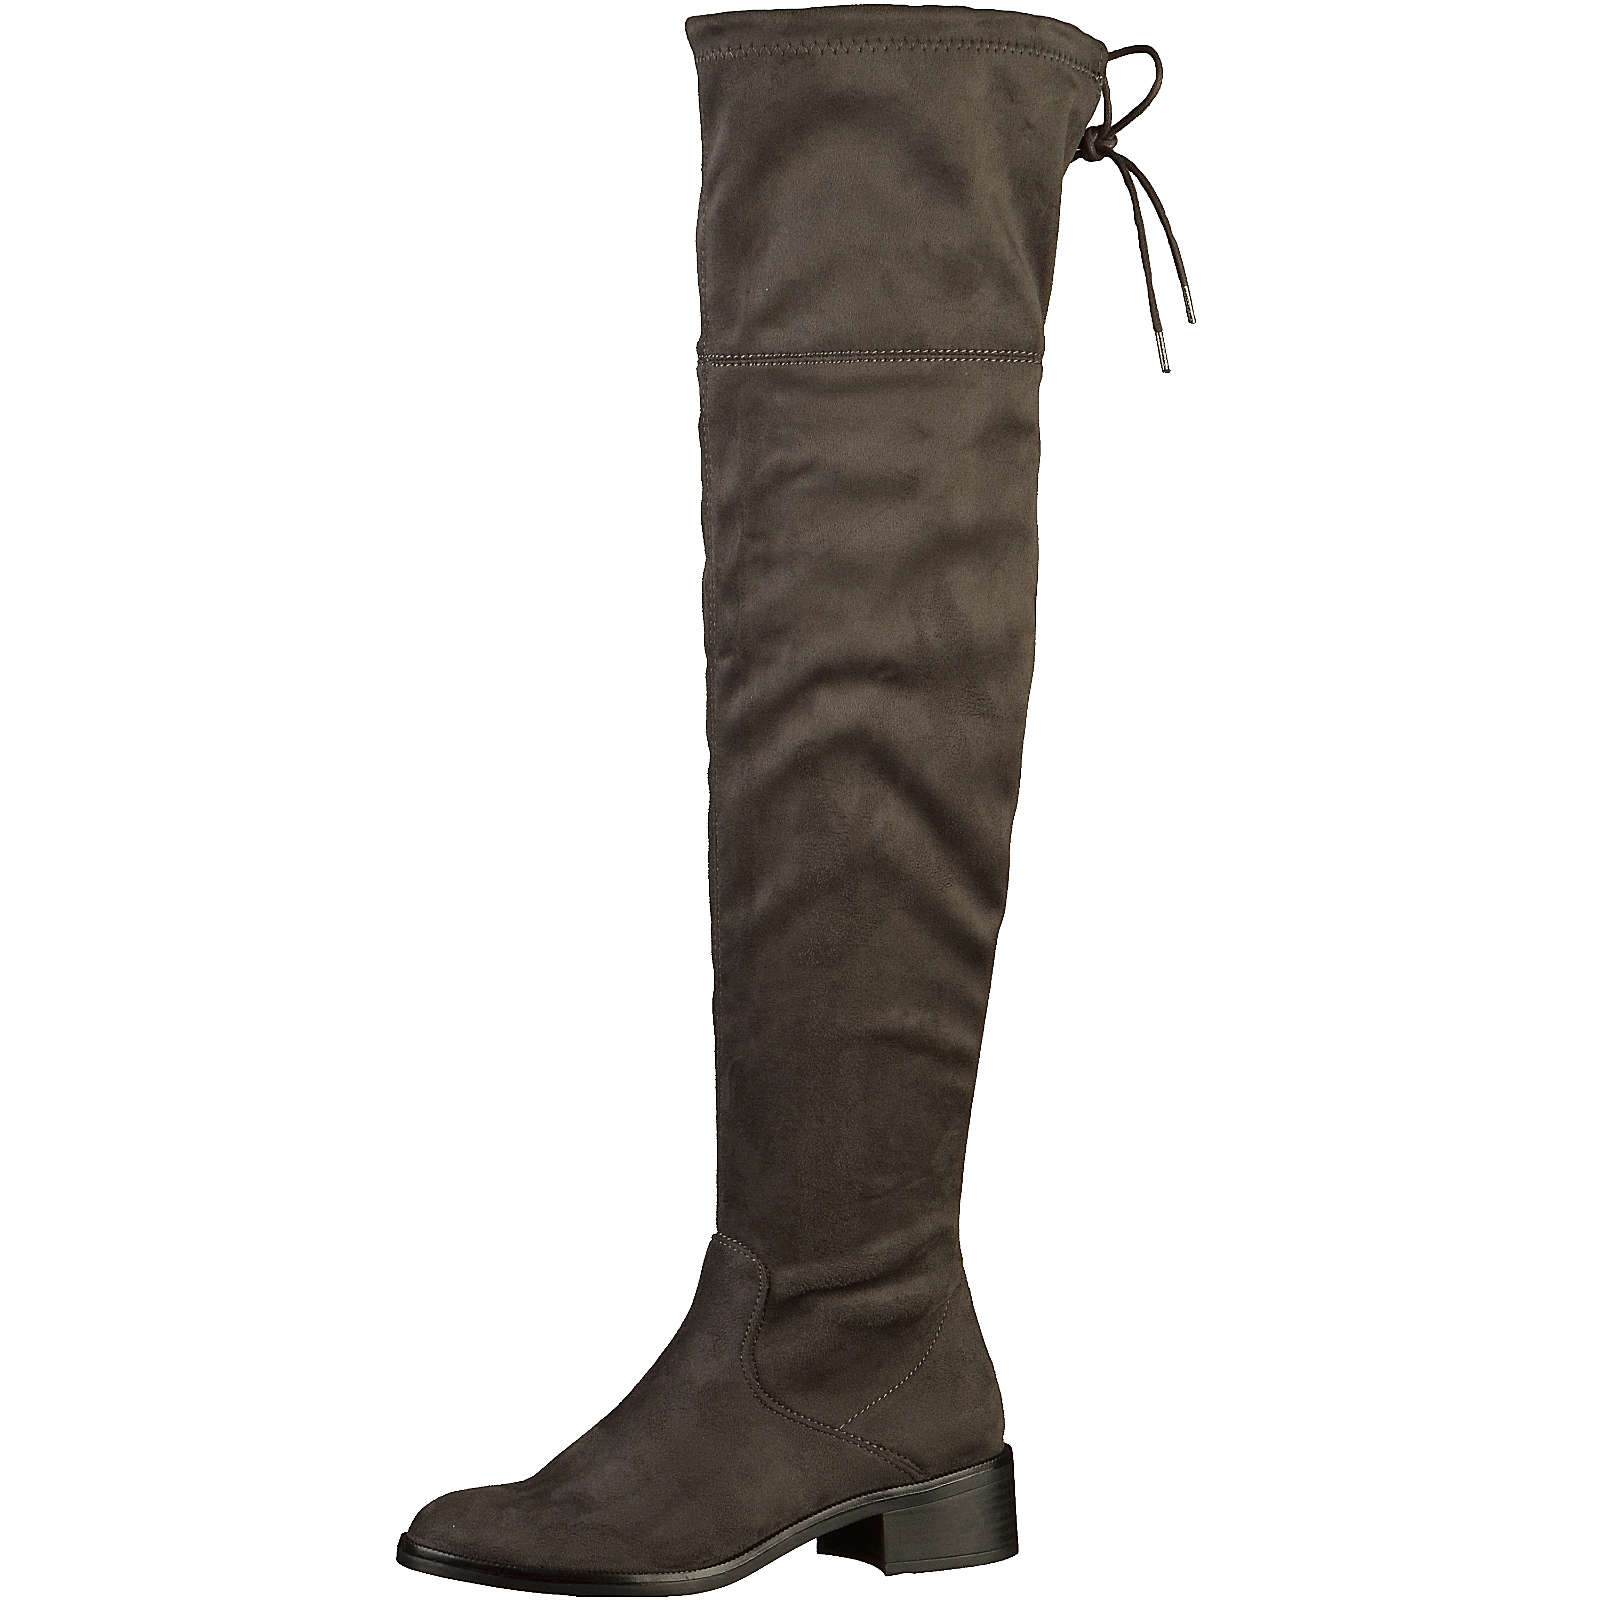 s.Oliver Klassische Stiefel grau Damen Gr. 37